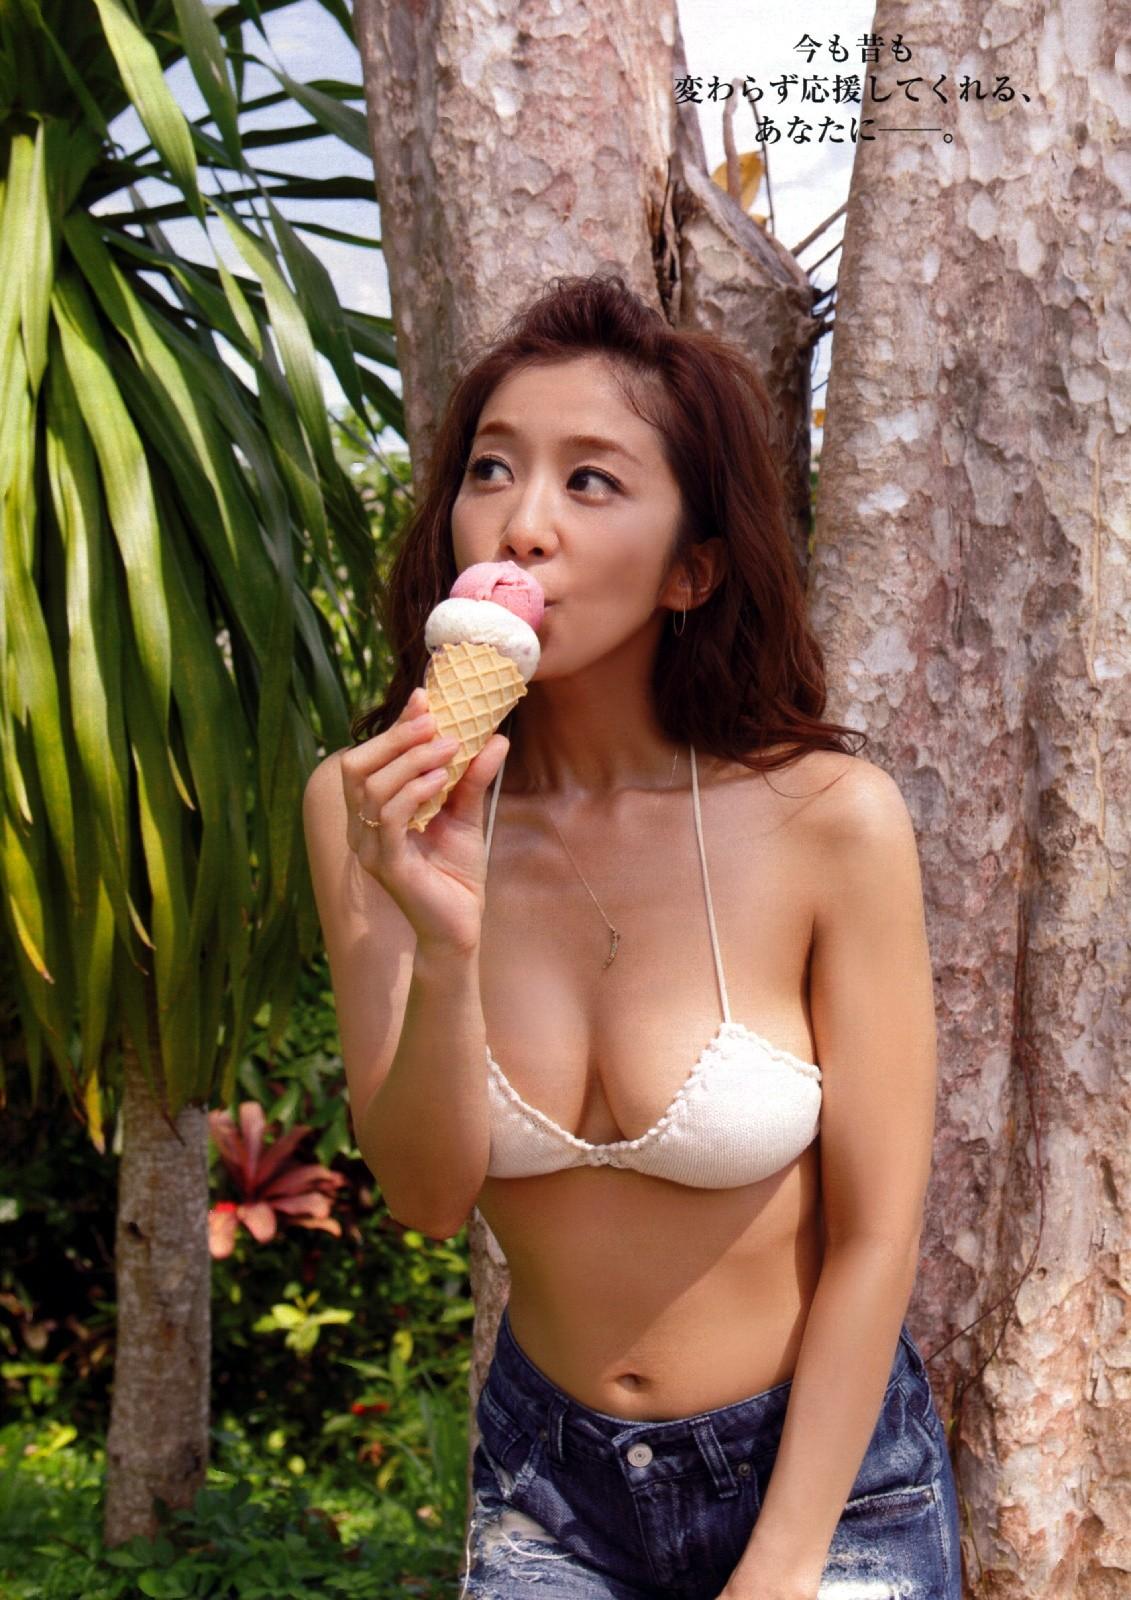 優香(34)崖っぷちで割れ目ヌード写真集の噂・・・深キョンを意識